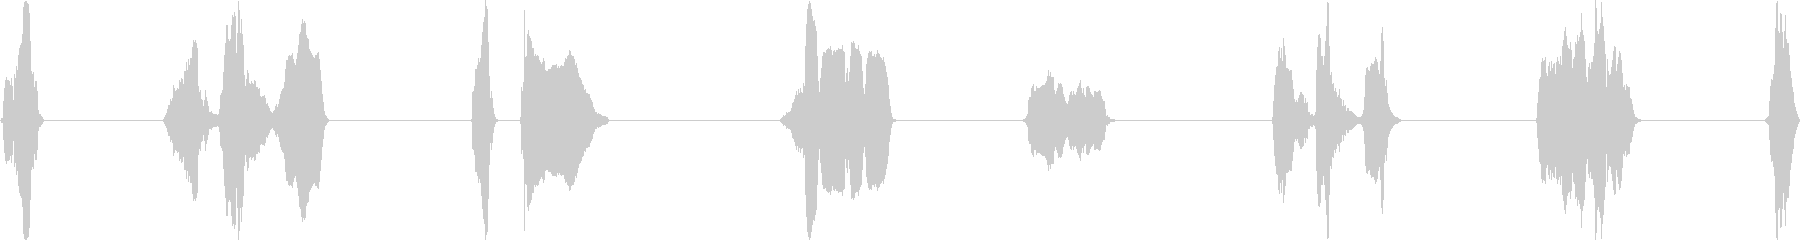 子供、12歳、混合音、8バージョン...の未再生の波形